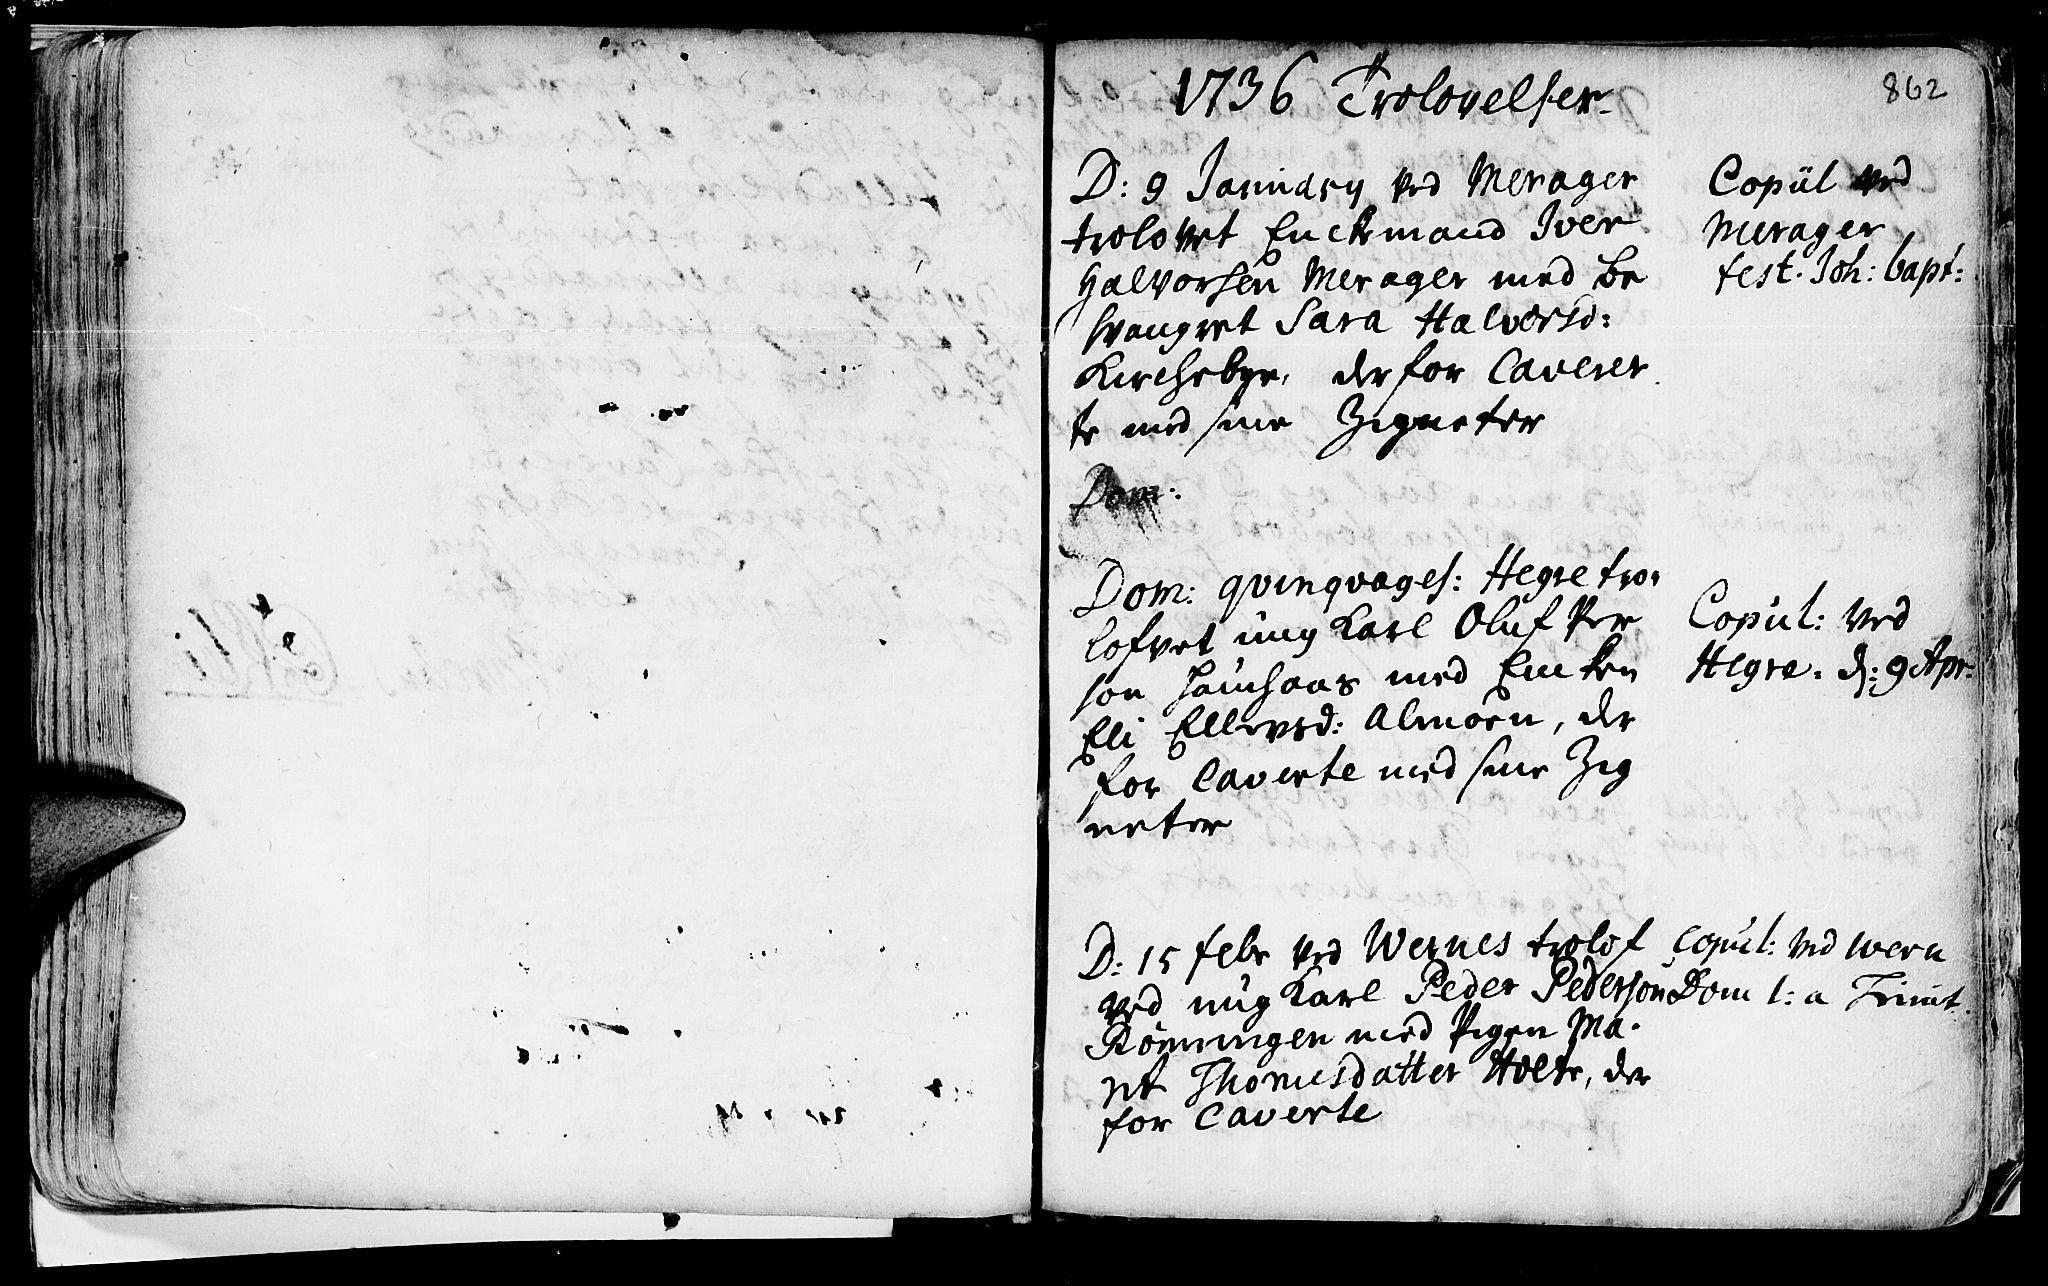 SAT, Ministerialprotokoller, klokkerbøker og fødselsregistre - Nord-Trøndelag, 709/L0055: Ministerialbok nr. 709A03, 1730-1739, s. 861-862